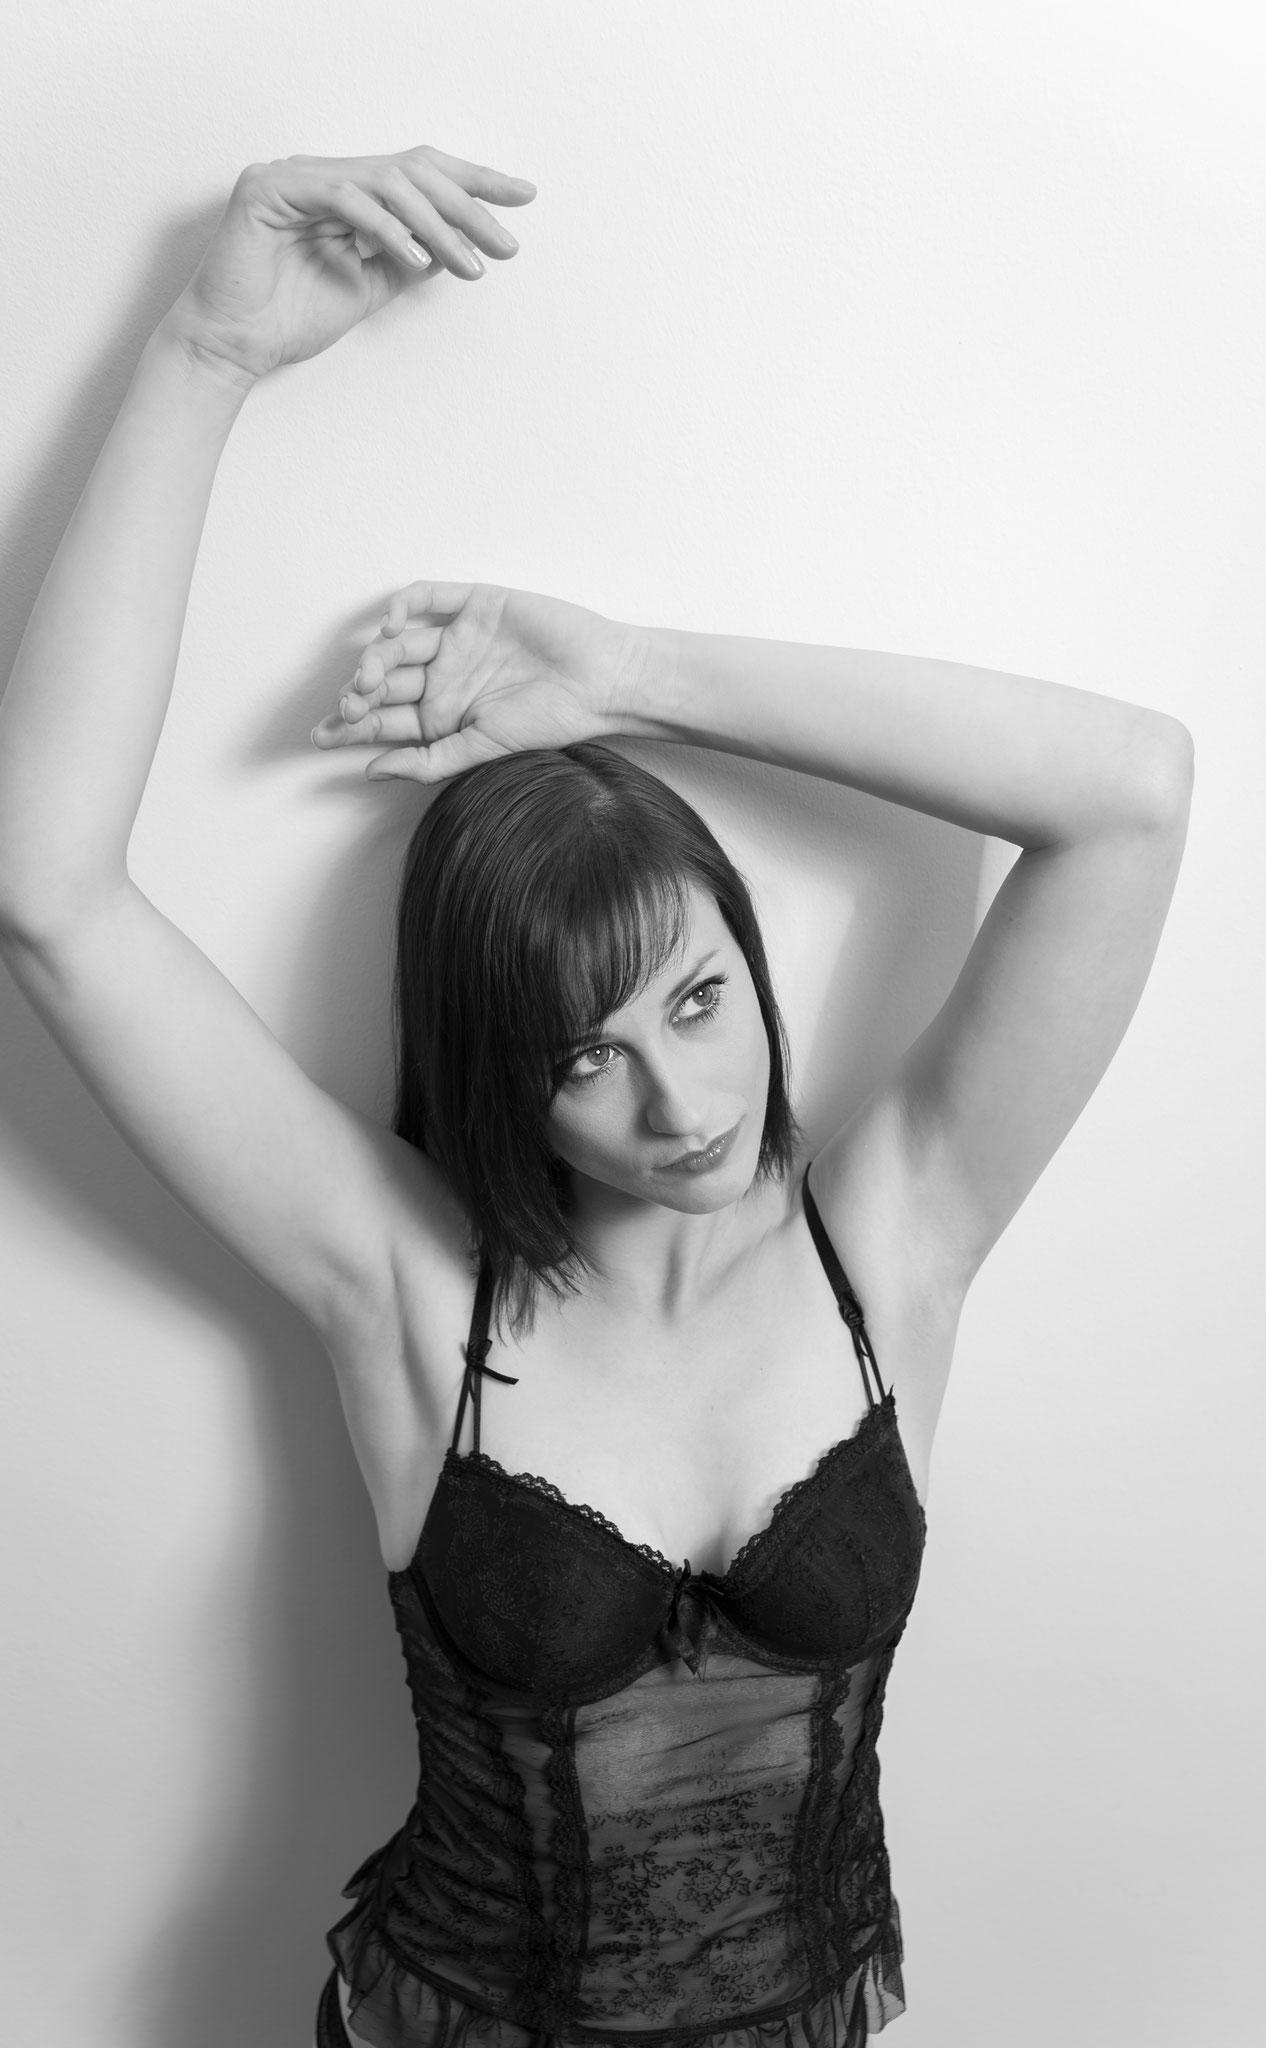 Moderne Photographie für erotische Bilder beim Aktfotografen in Erlangen - Boudoir und Erotik Shootings